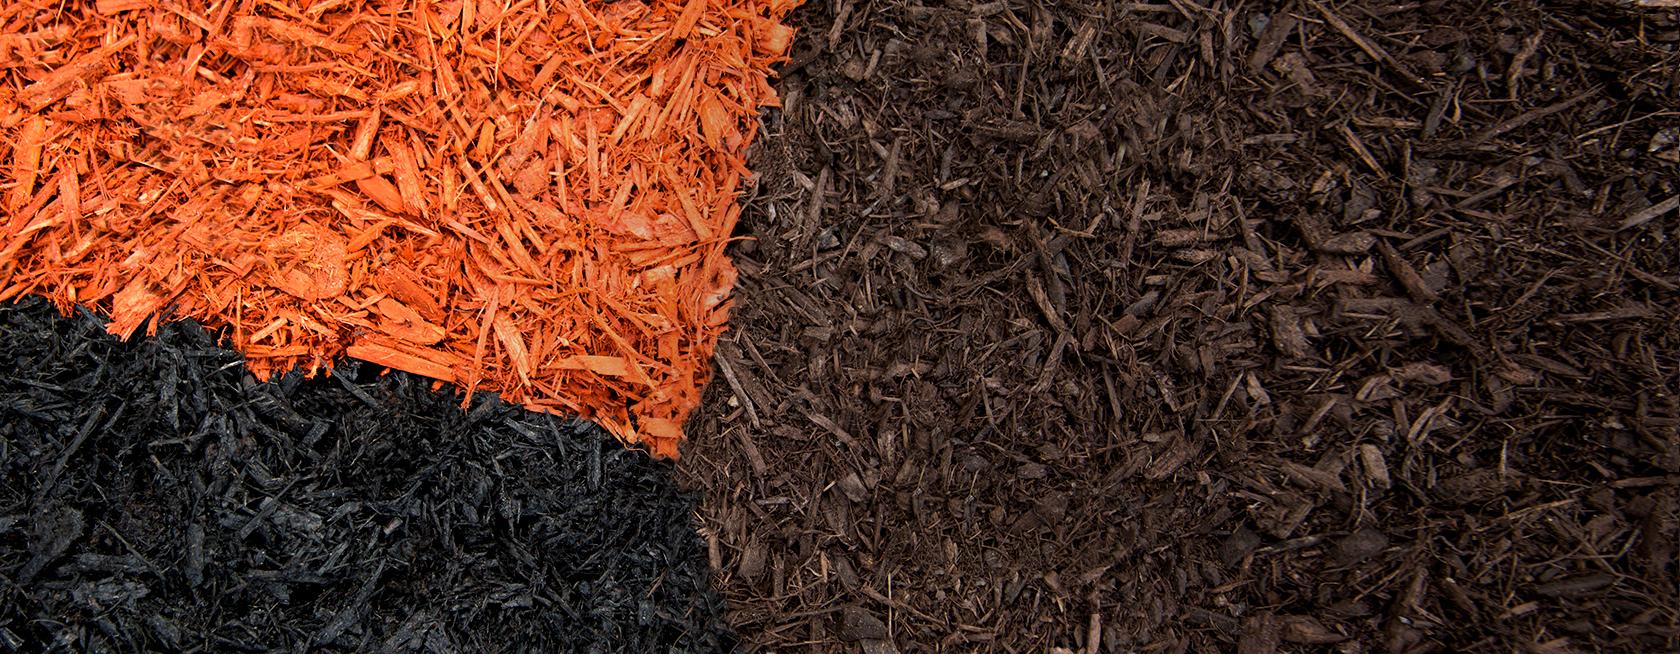 bulk mulch montgomery county pa